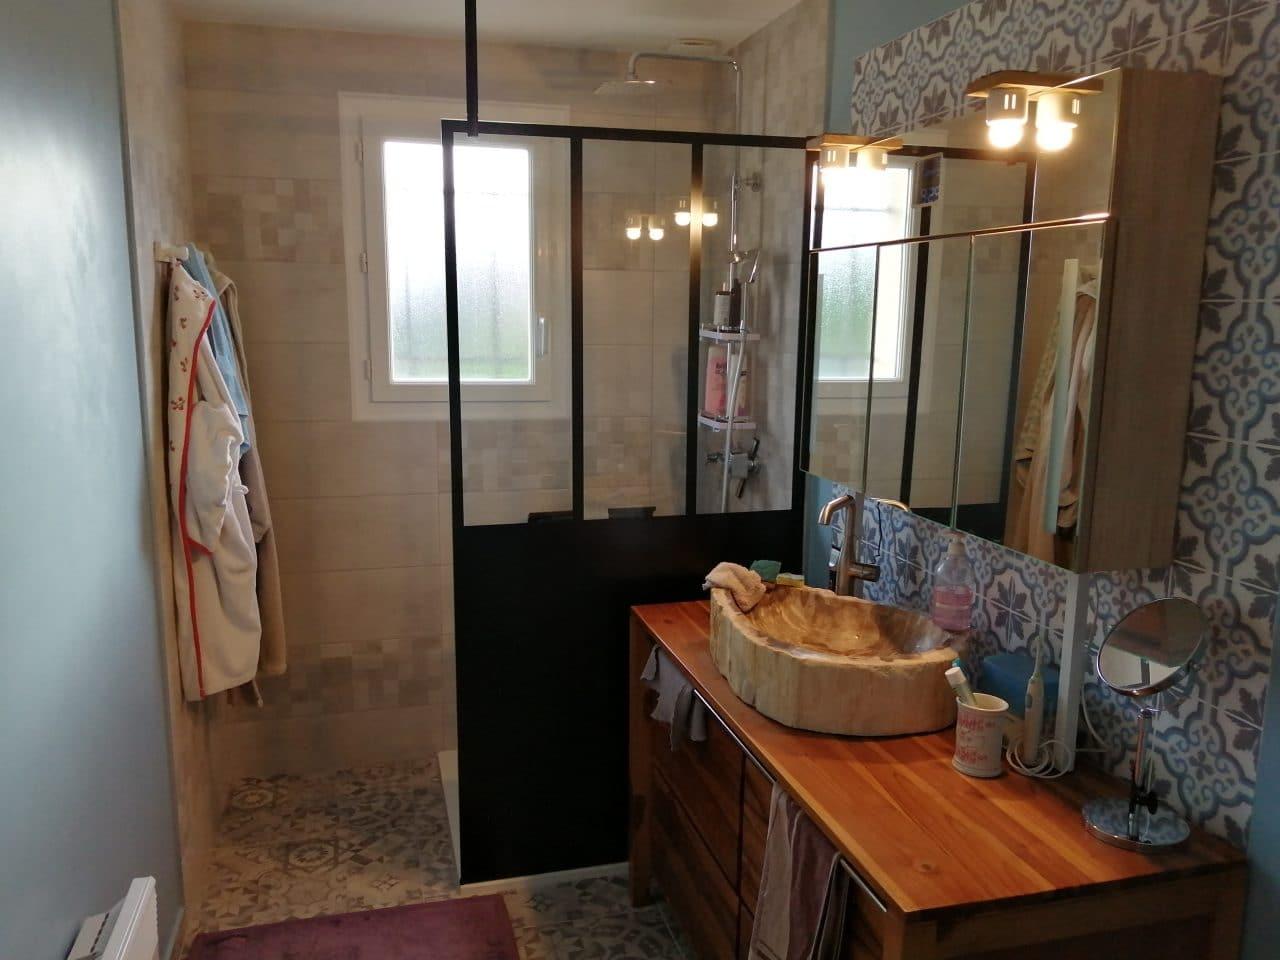 Apr-s travaux - Rénovation d'une salle de bain à Saint-Maixme-Hauterive